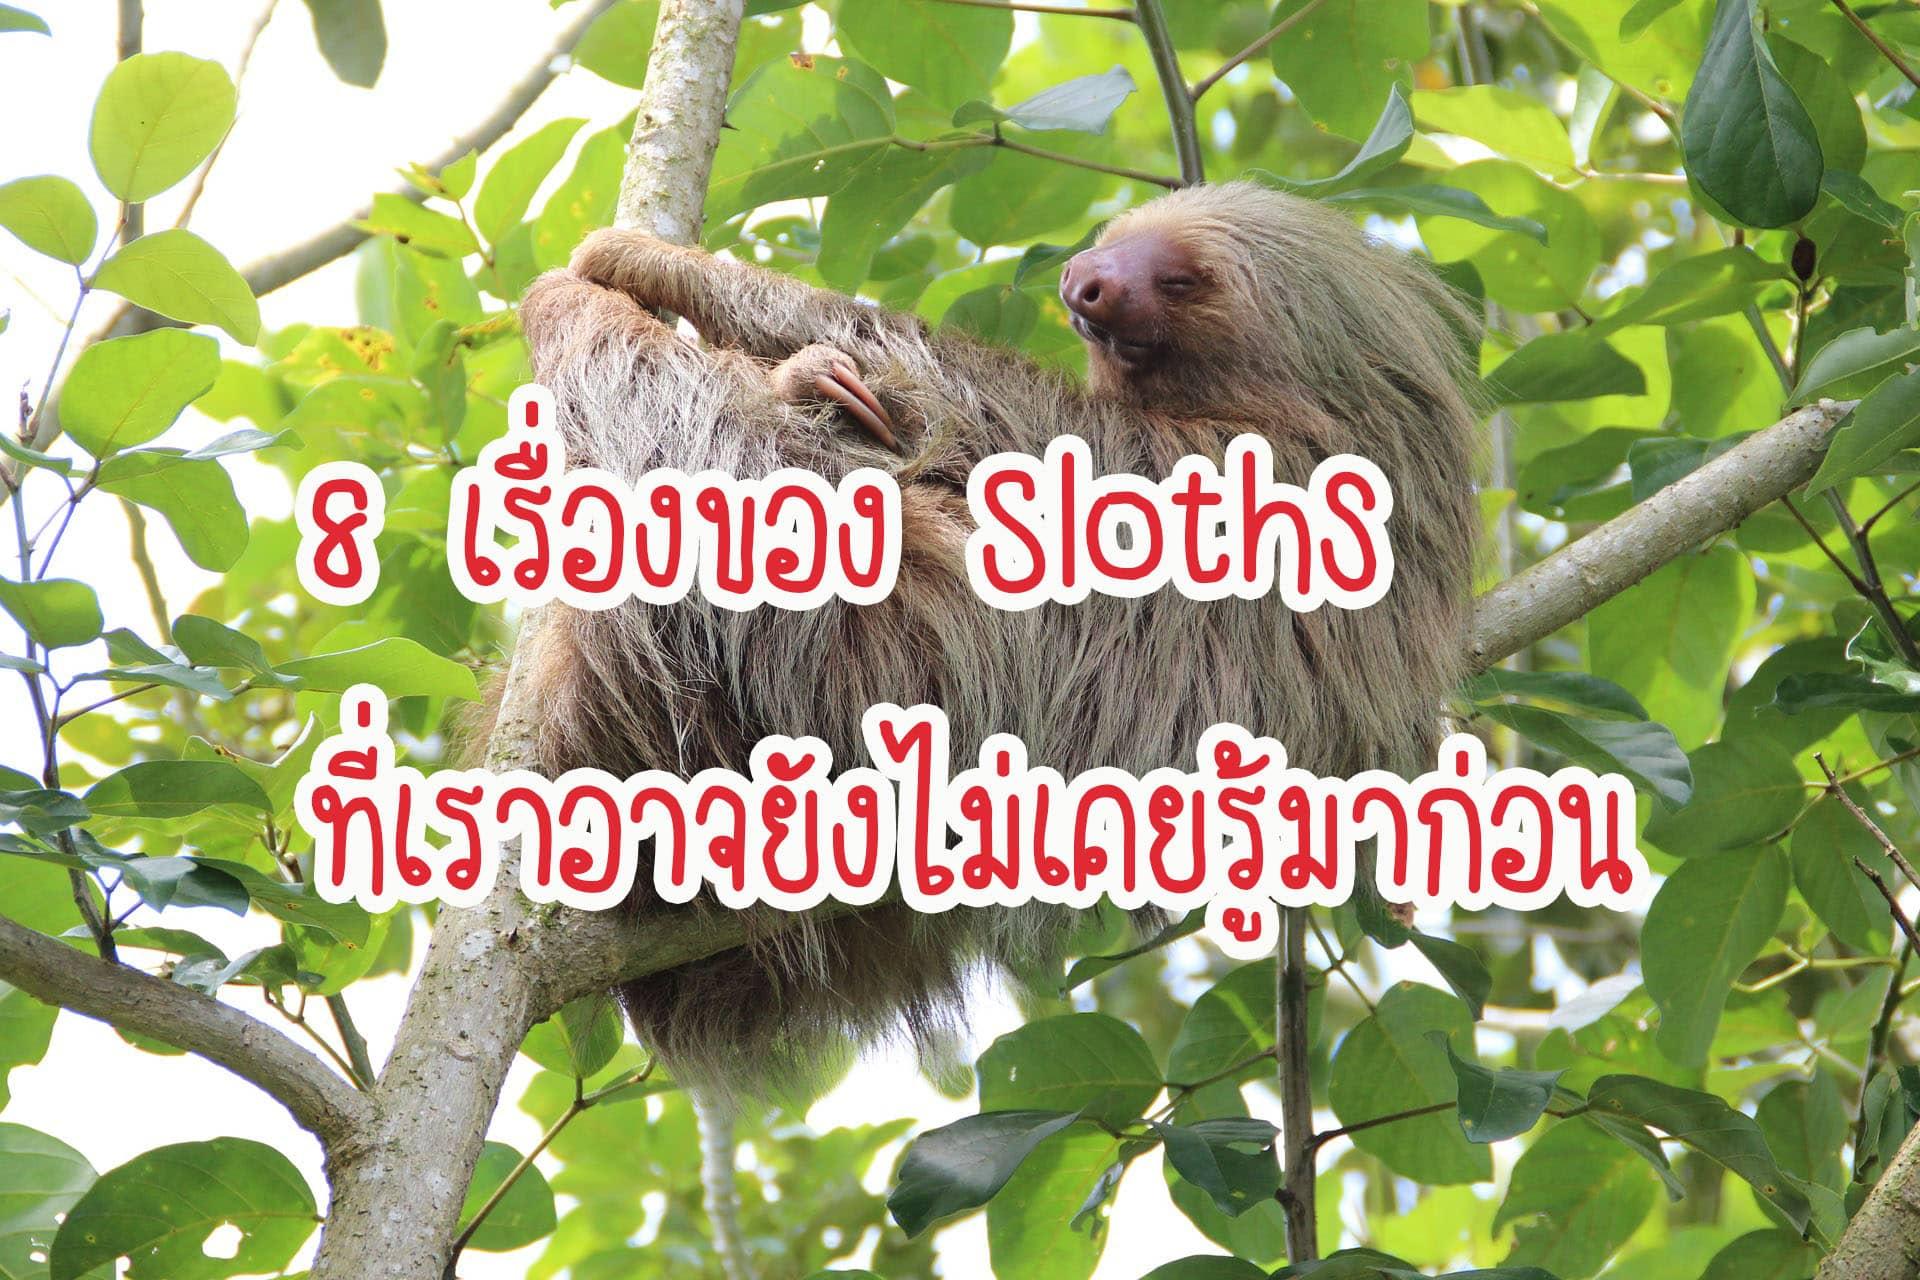 8 เรื่องของ Sloths ที่เราอาจยังไม่เคยรู้มาก่อน